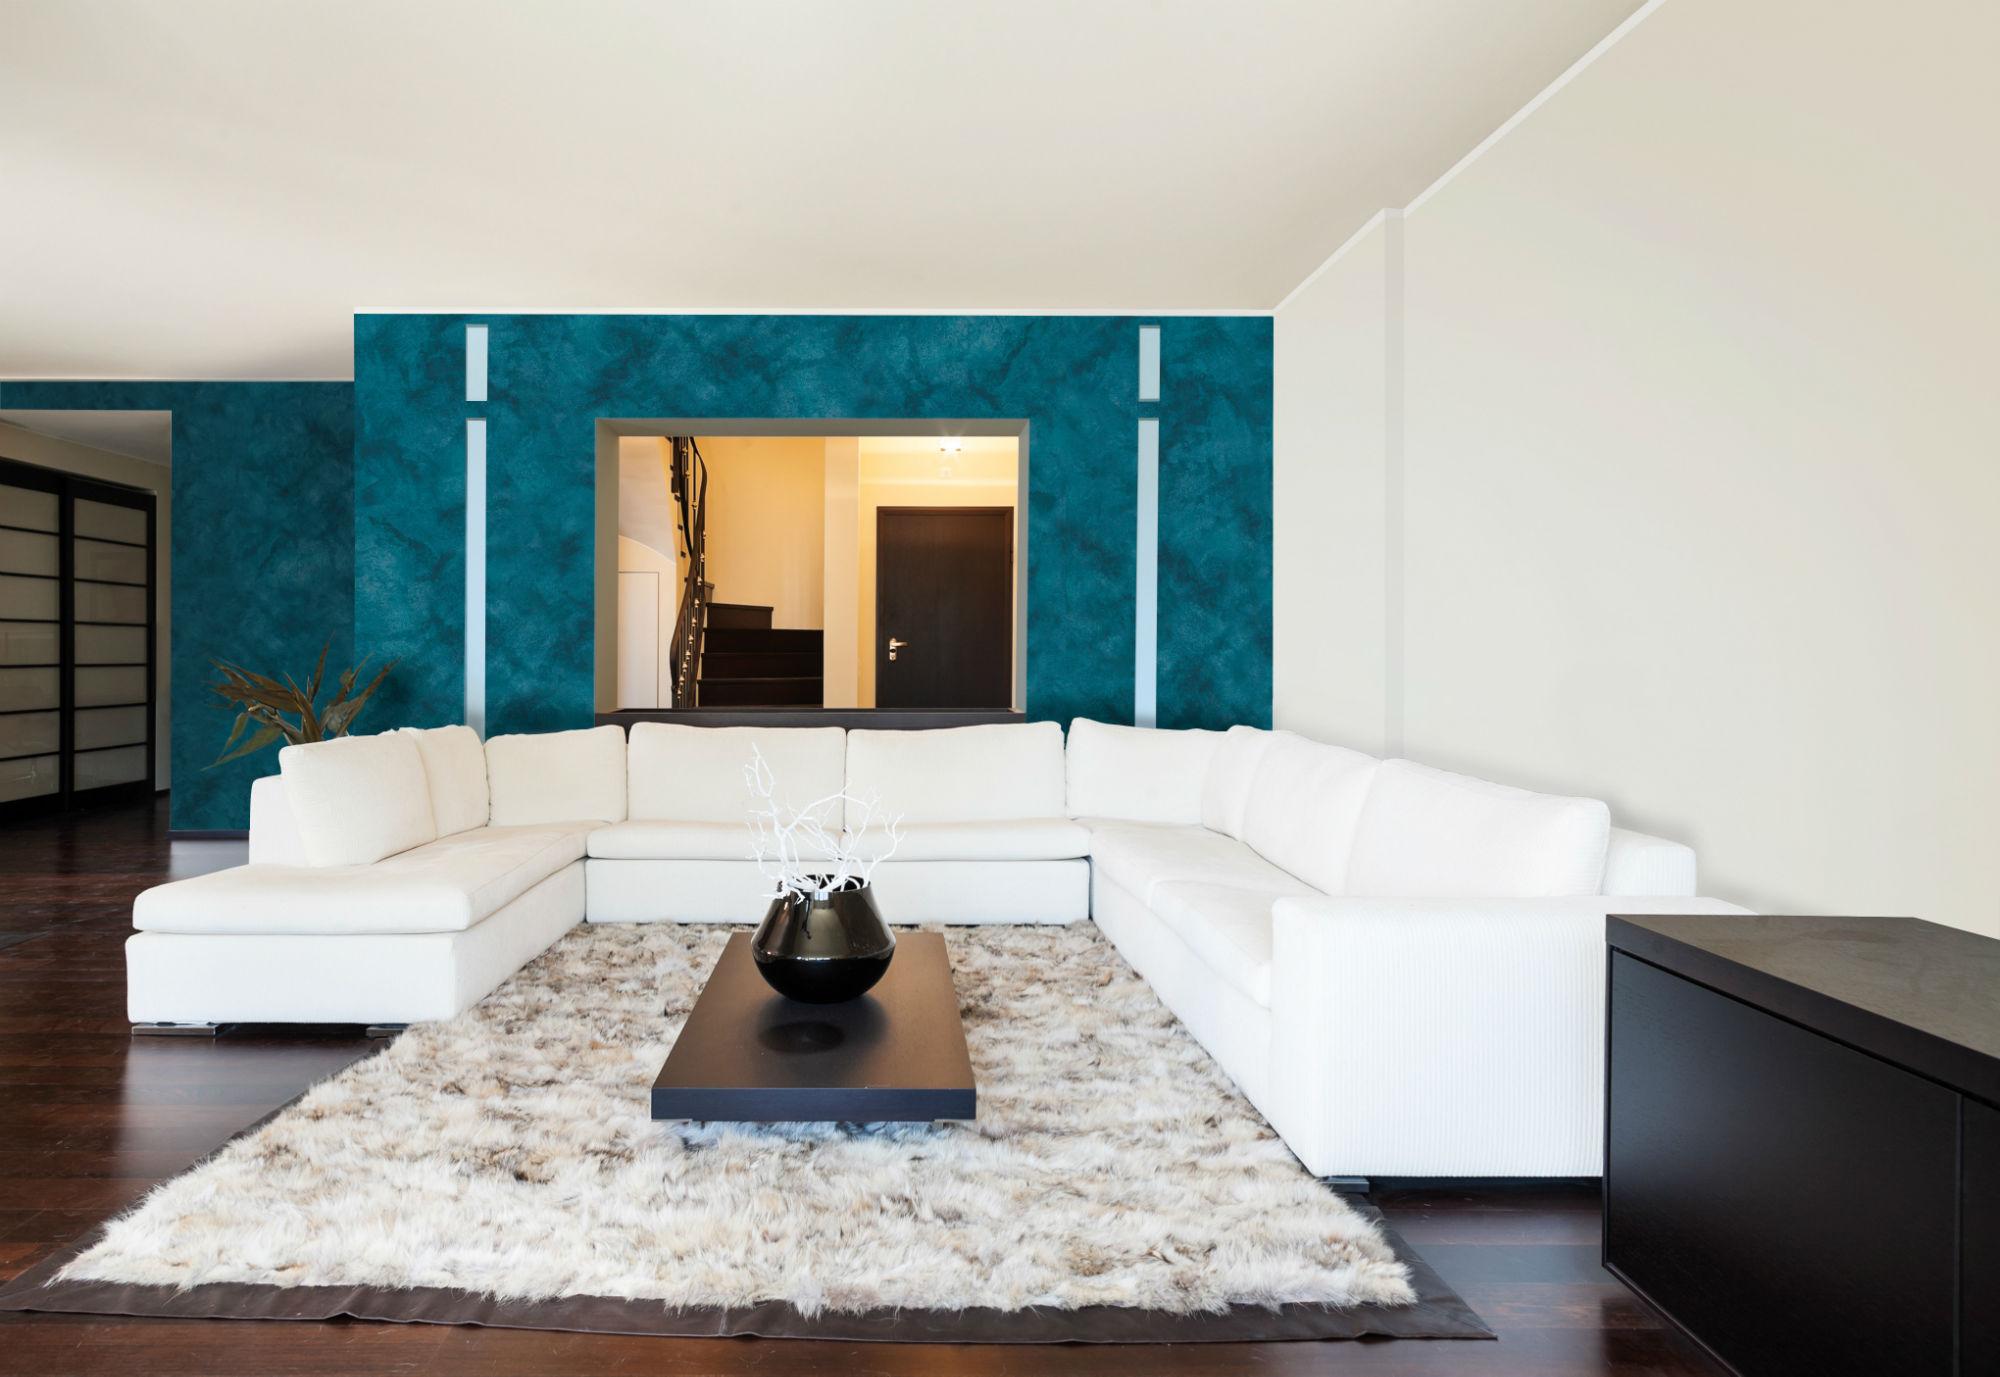 Style Dein Heim, Typisch Moderne Wanddesigns Mit Und Ohne Metalliceffekt